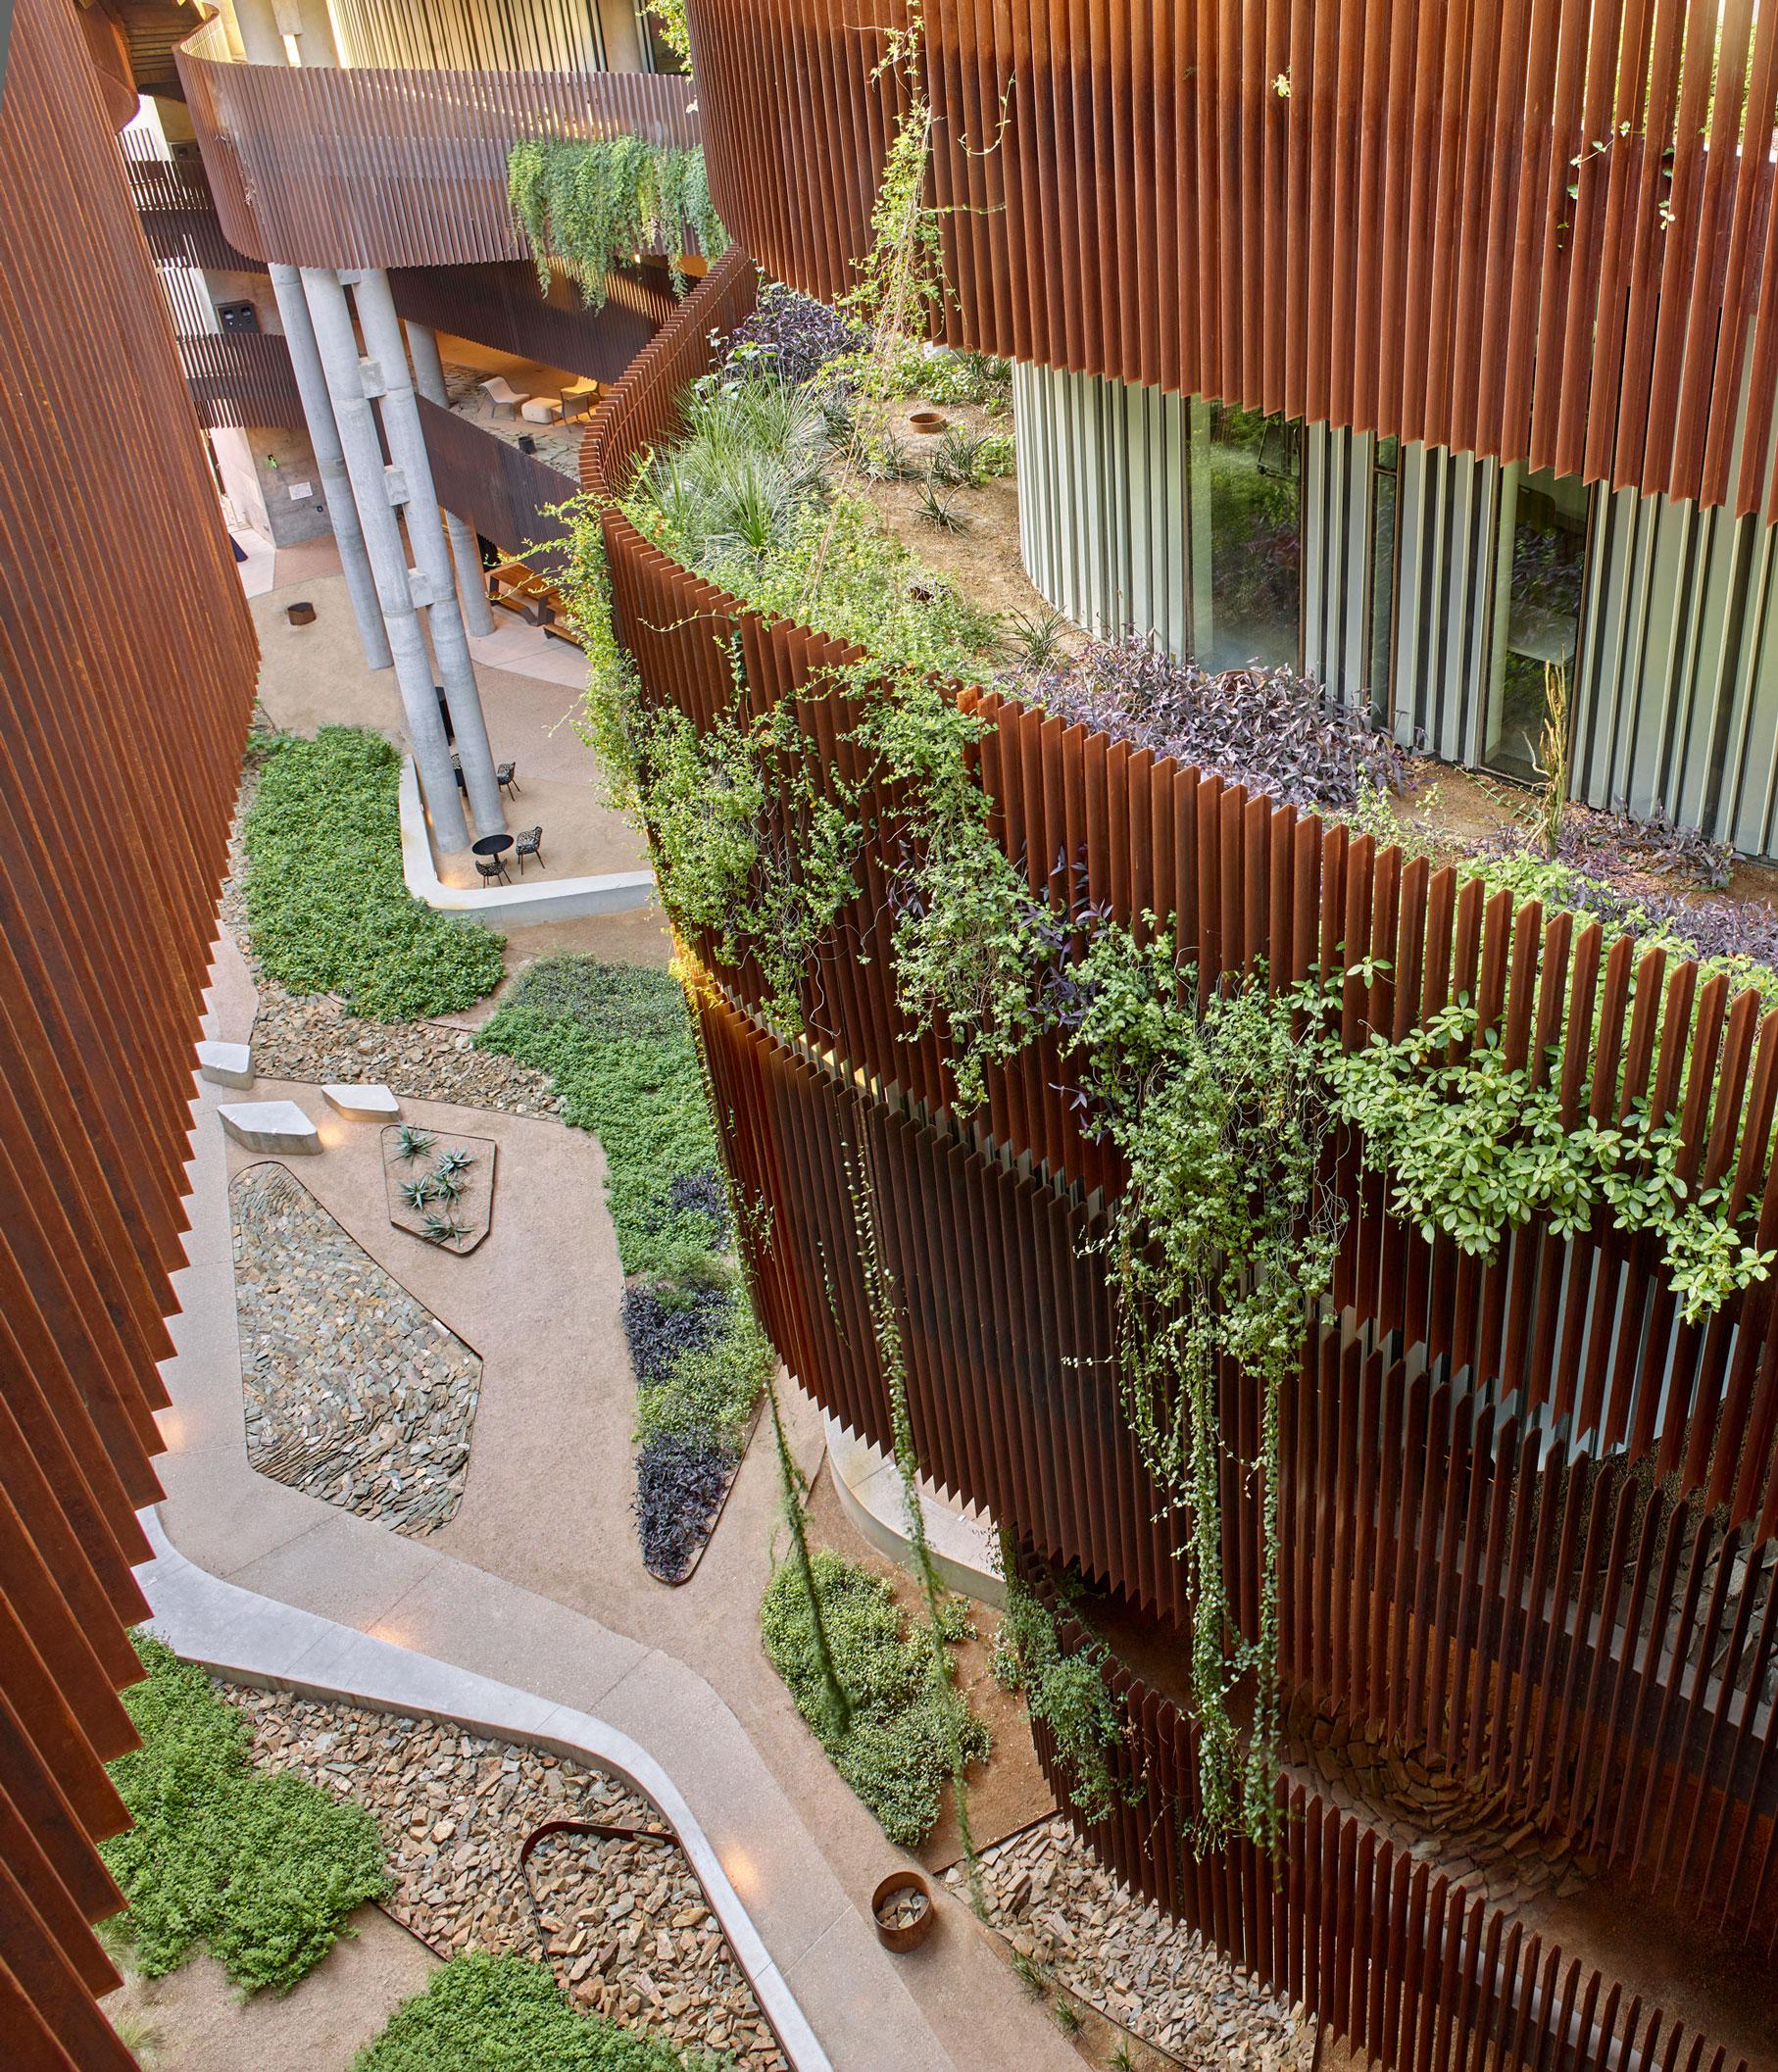 University of Arizona Environmental and Natural Resources 2